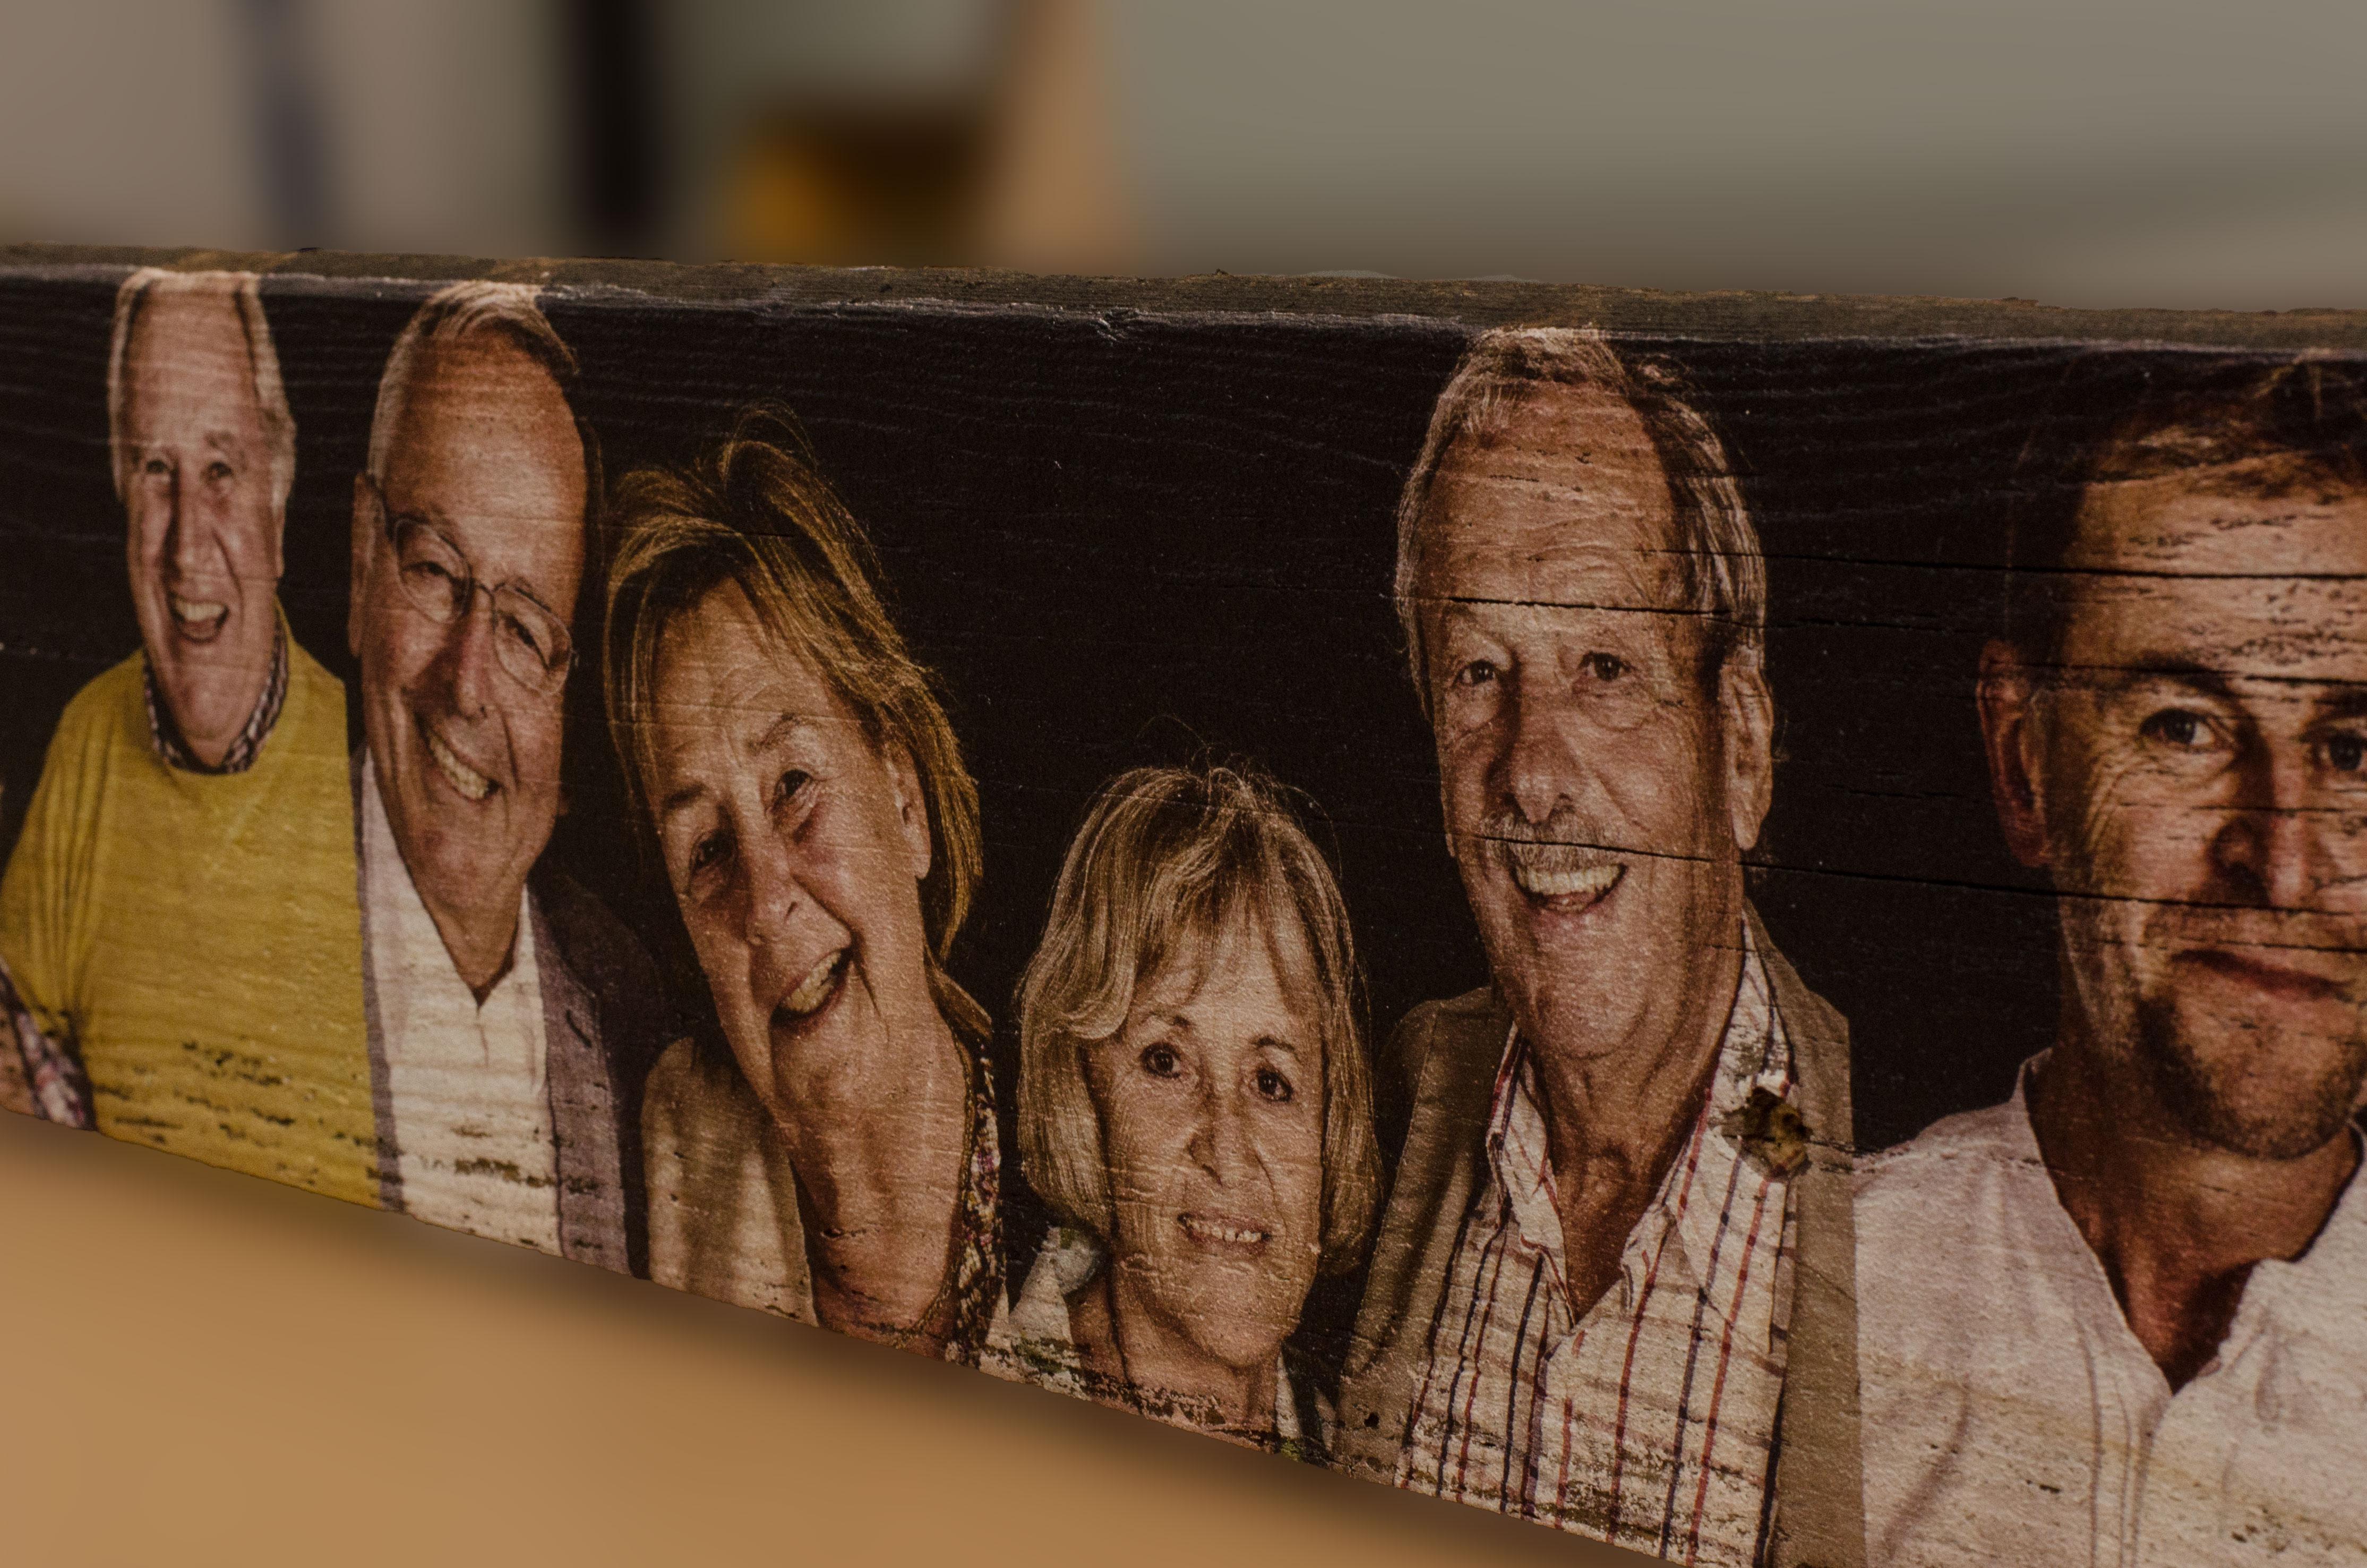 portraits auf holz gedruckt druck auf holz. Black Bedroom Furniture Sets. Home Design Ideas